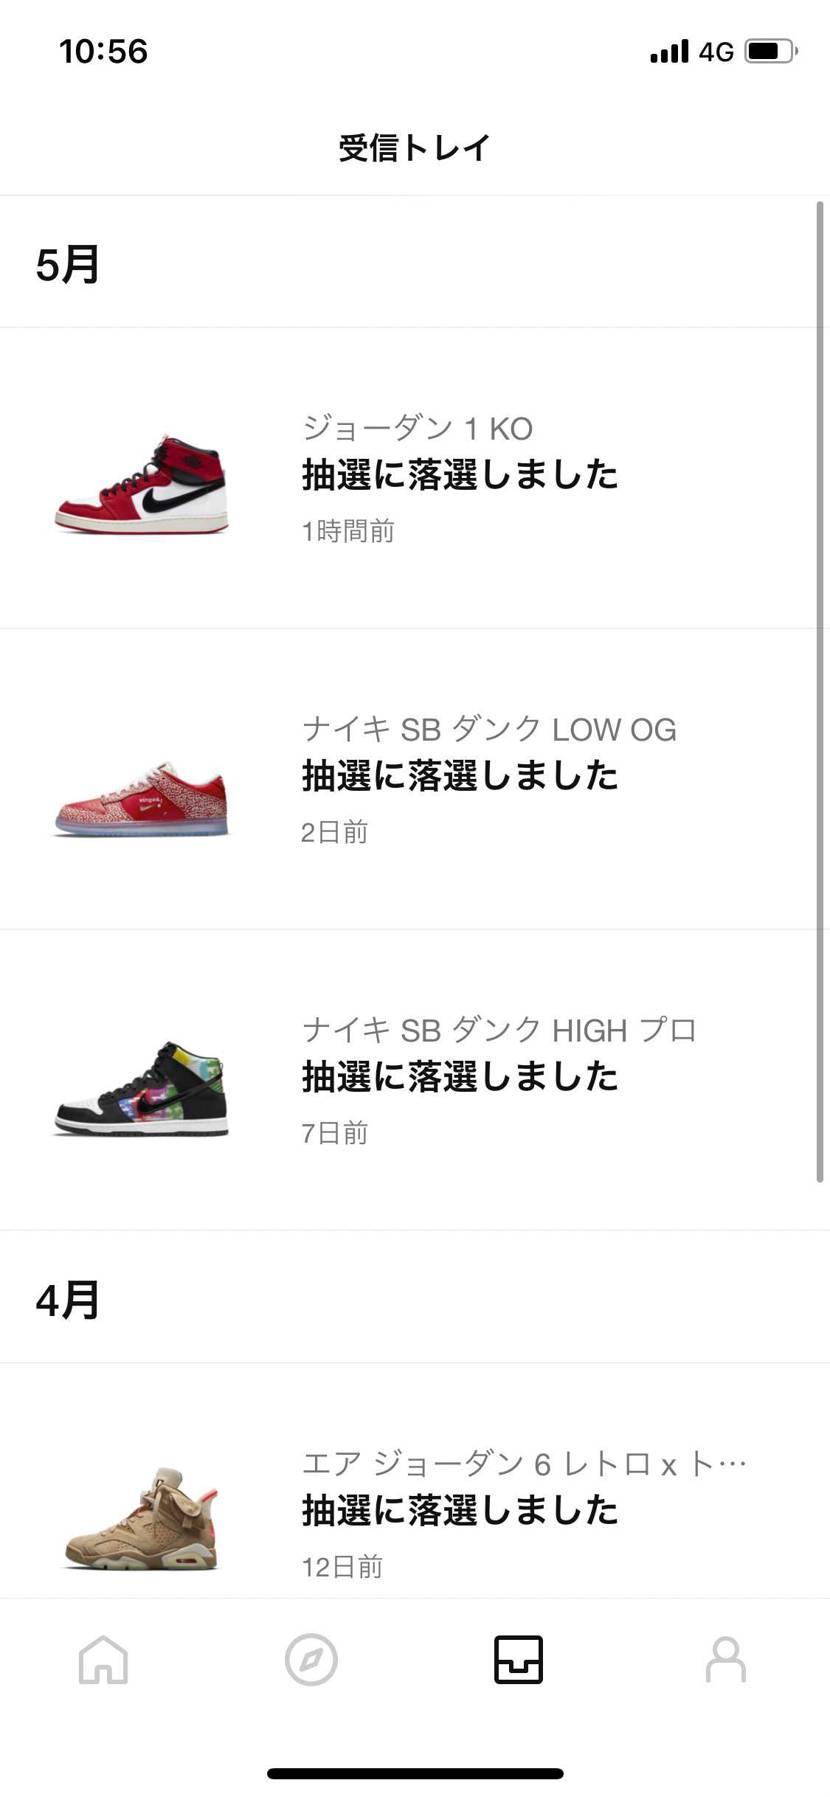 何も買わせてくれない。